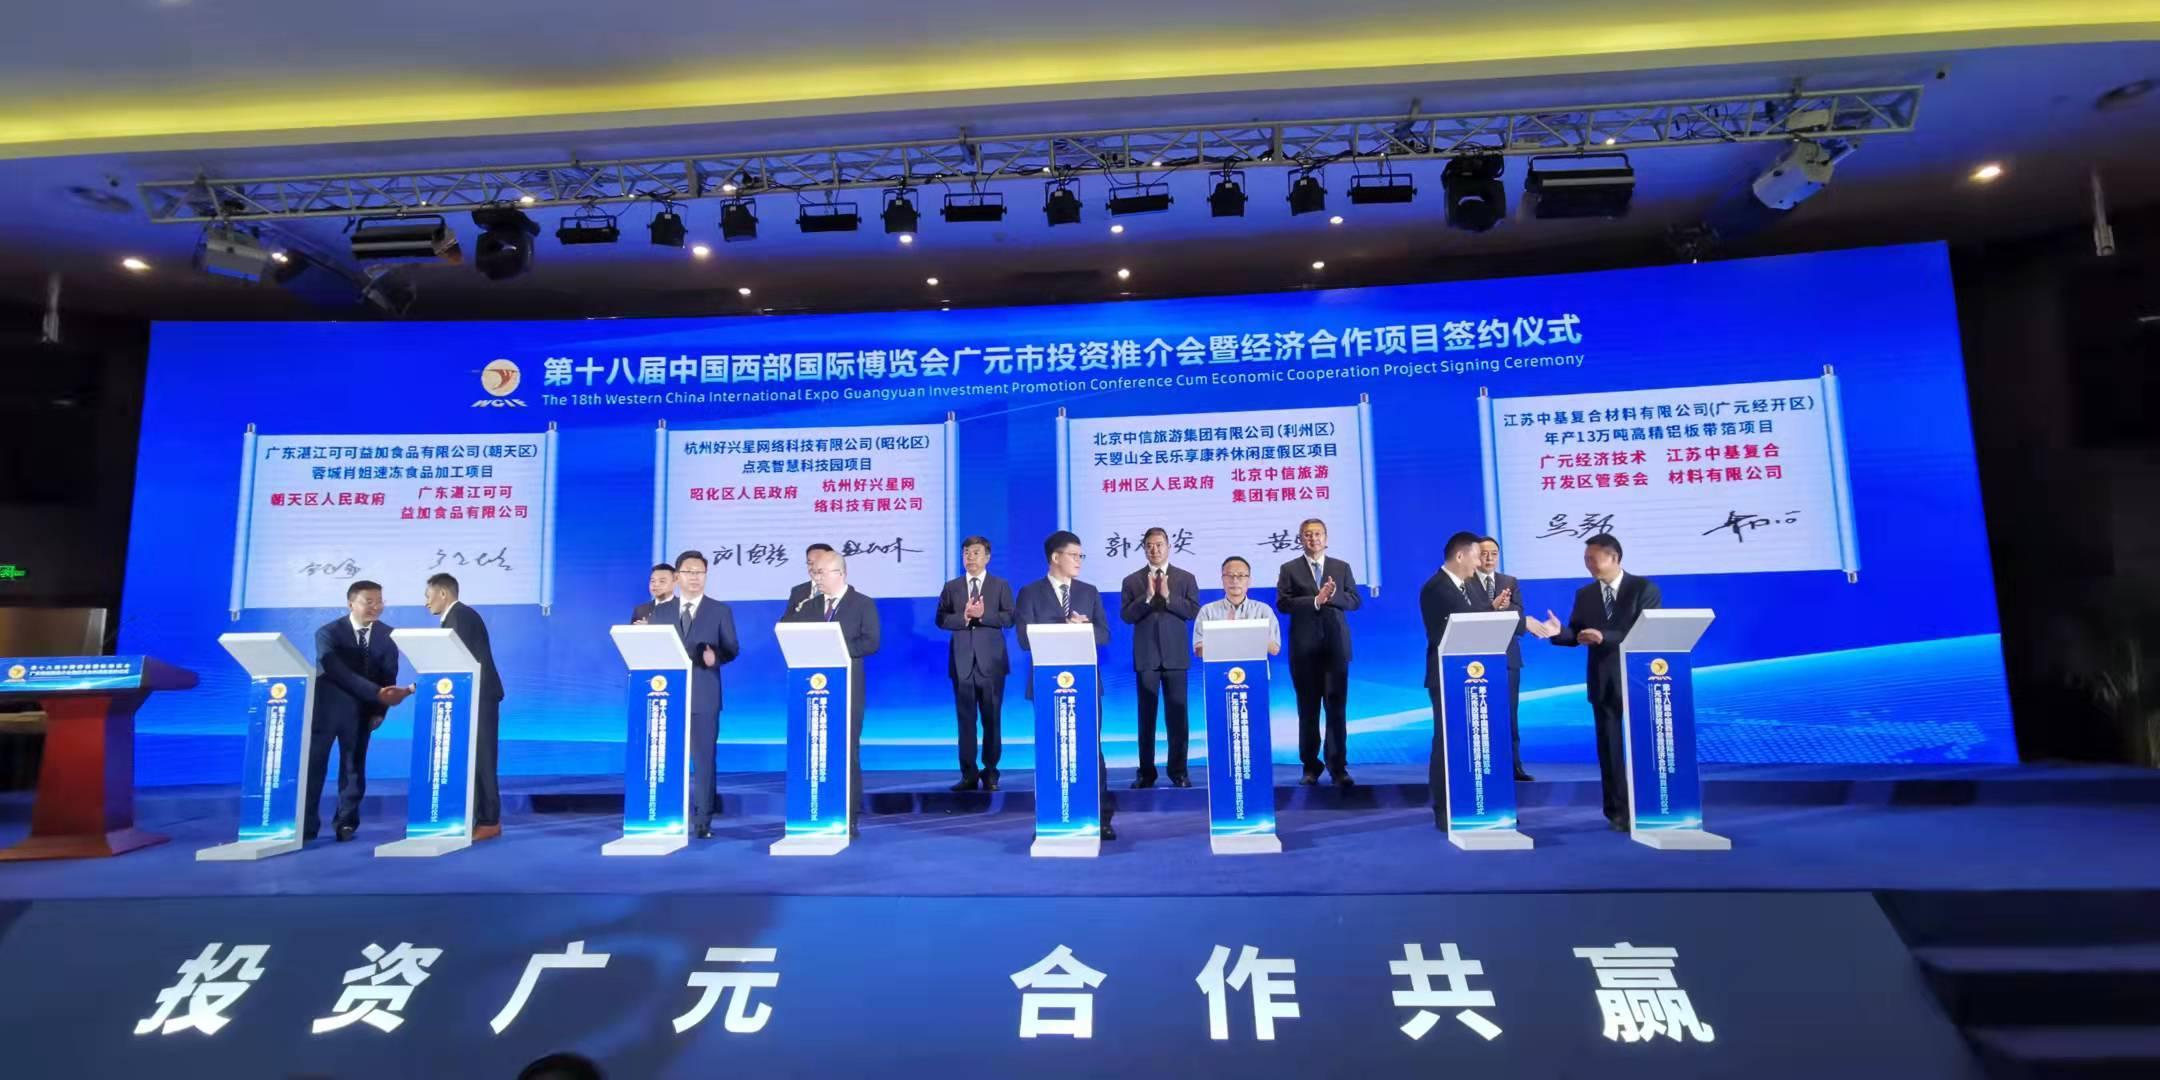 广元市在西博会推介招商项目36个签订86个